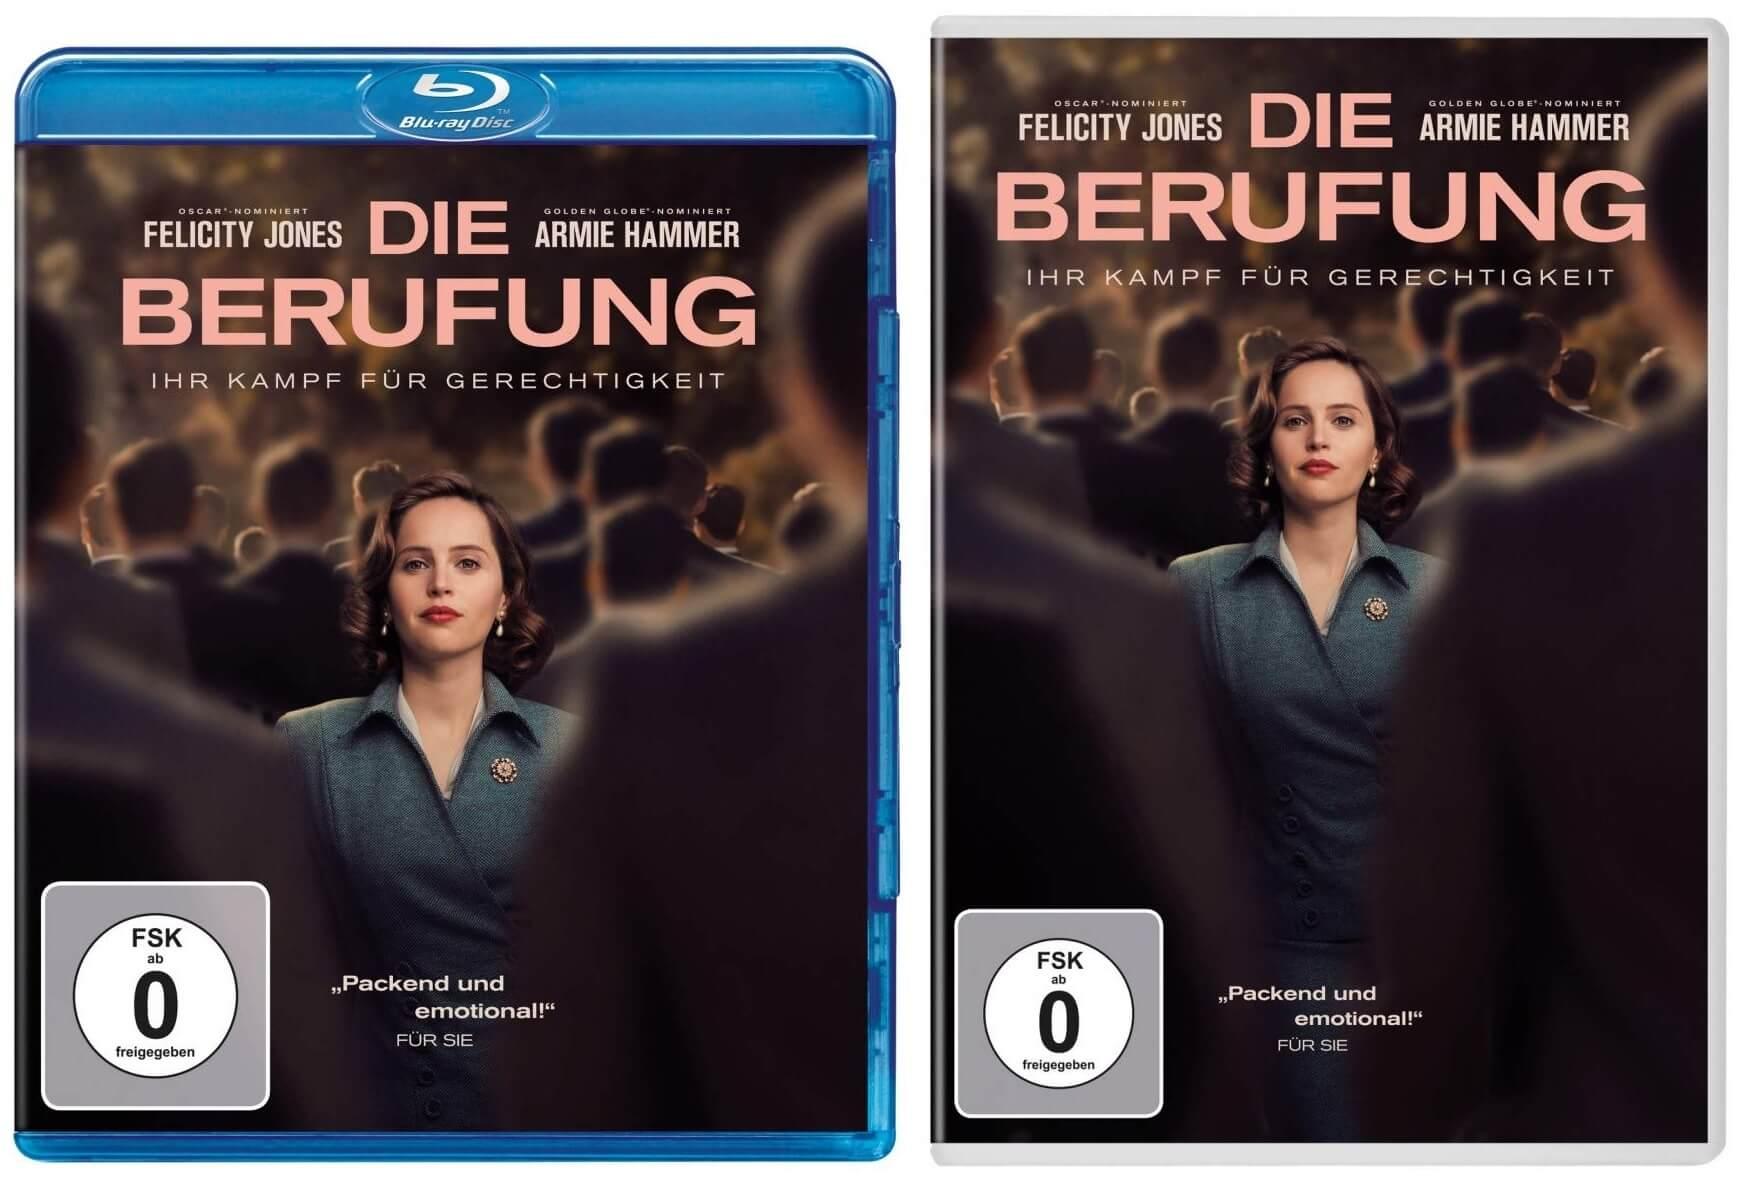 Die Berufung Ab 2282019 Auf Dvd Und Blu Ray Erhältlich